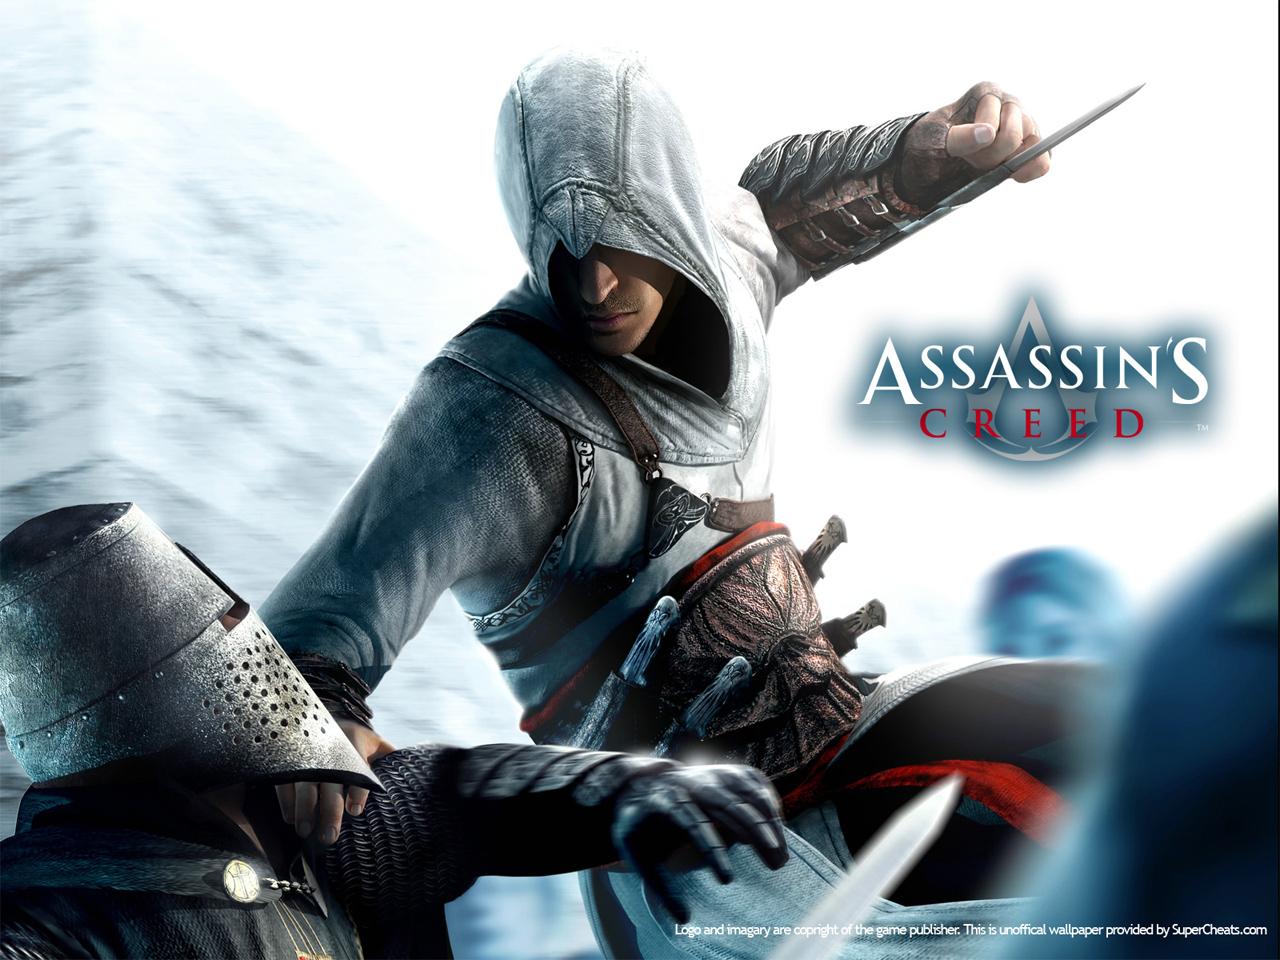 http://www.supercheats.com/guides/assassins-creed/images/wallpapers/1280x960/assassinscreed/assassinscreed-06.jpg